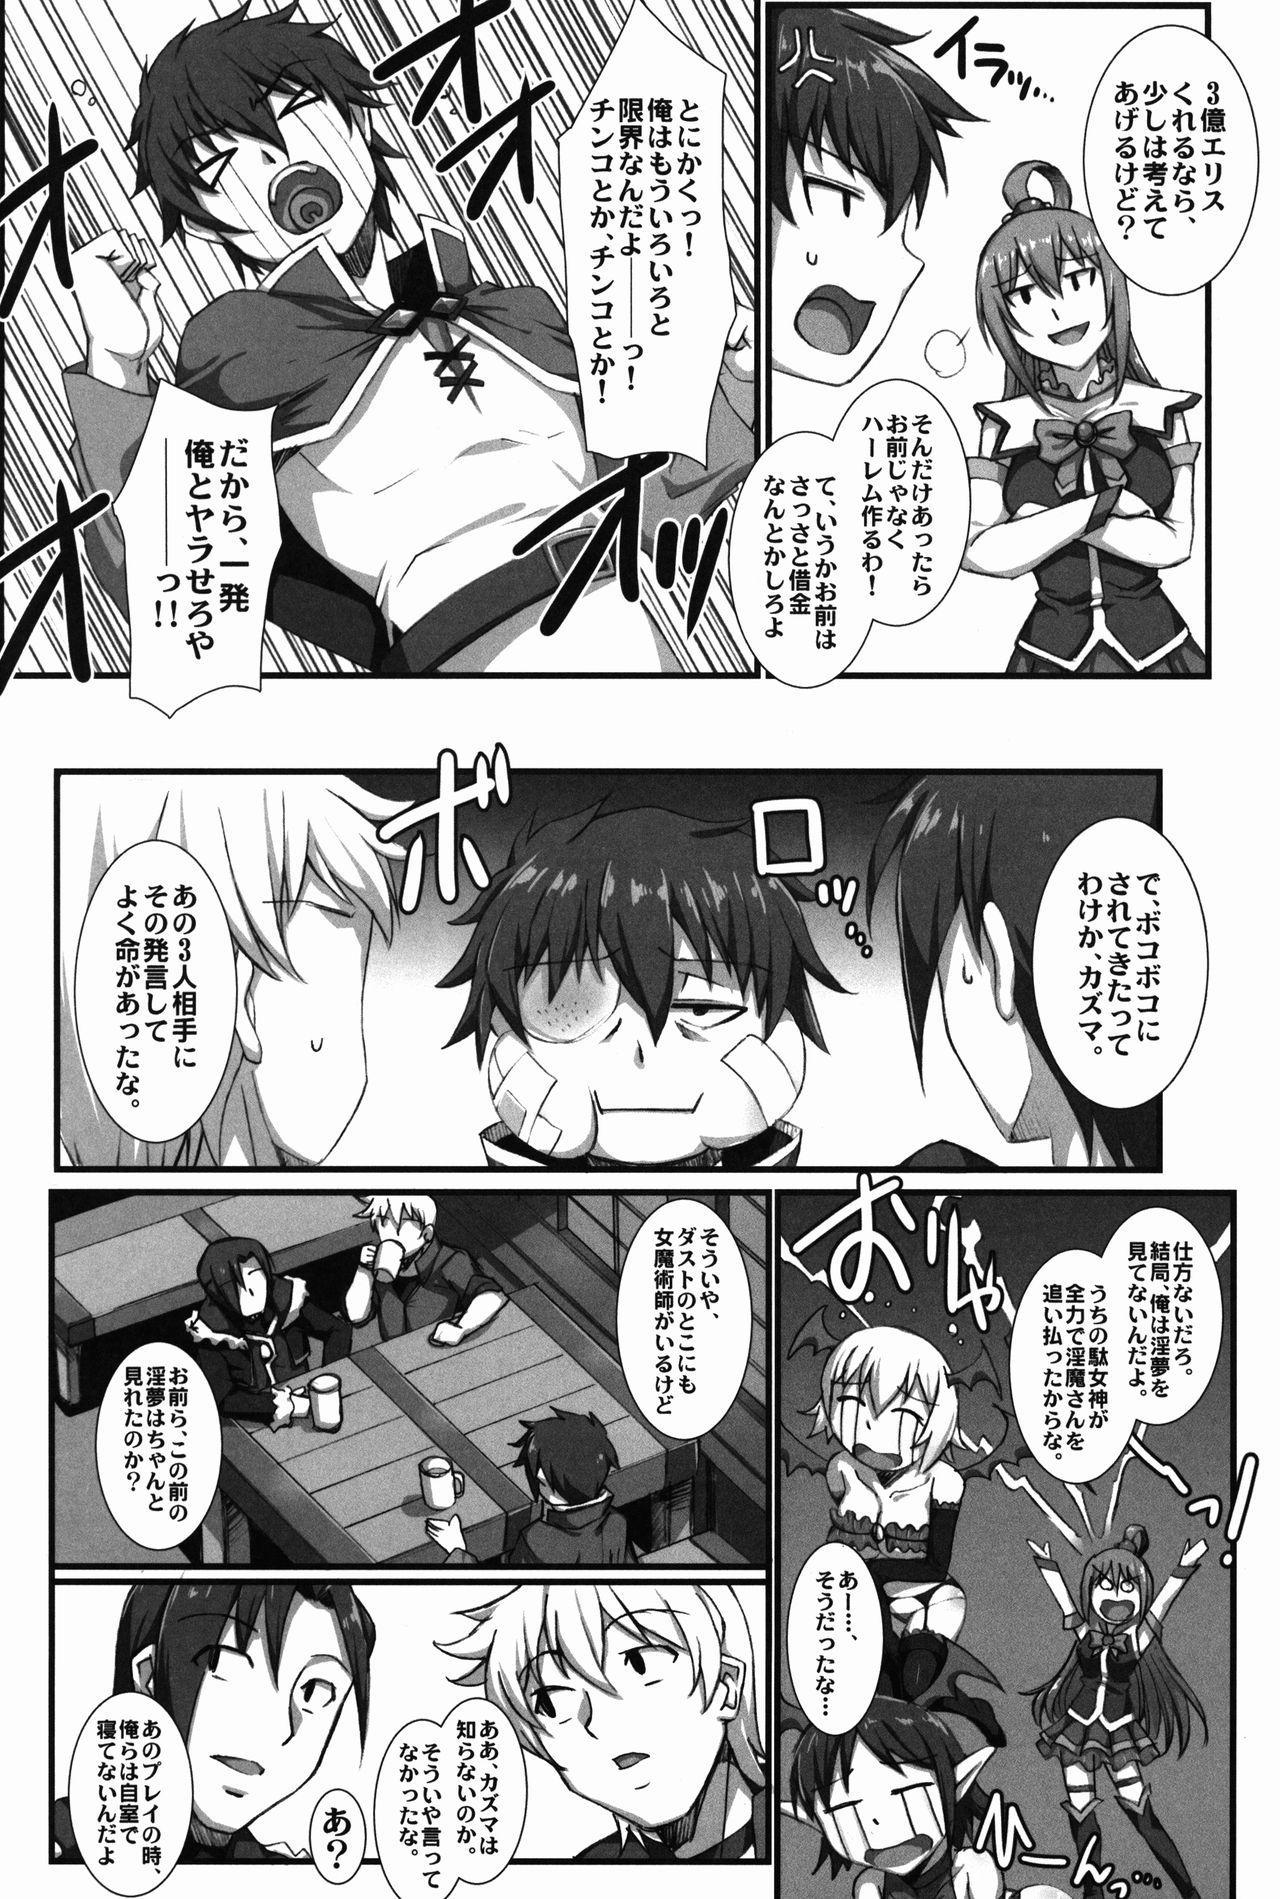 Kono Heroine-tachi ni Oshioki o!! 5